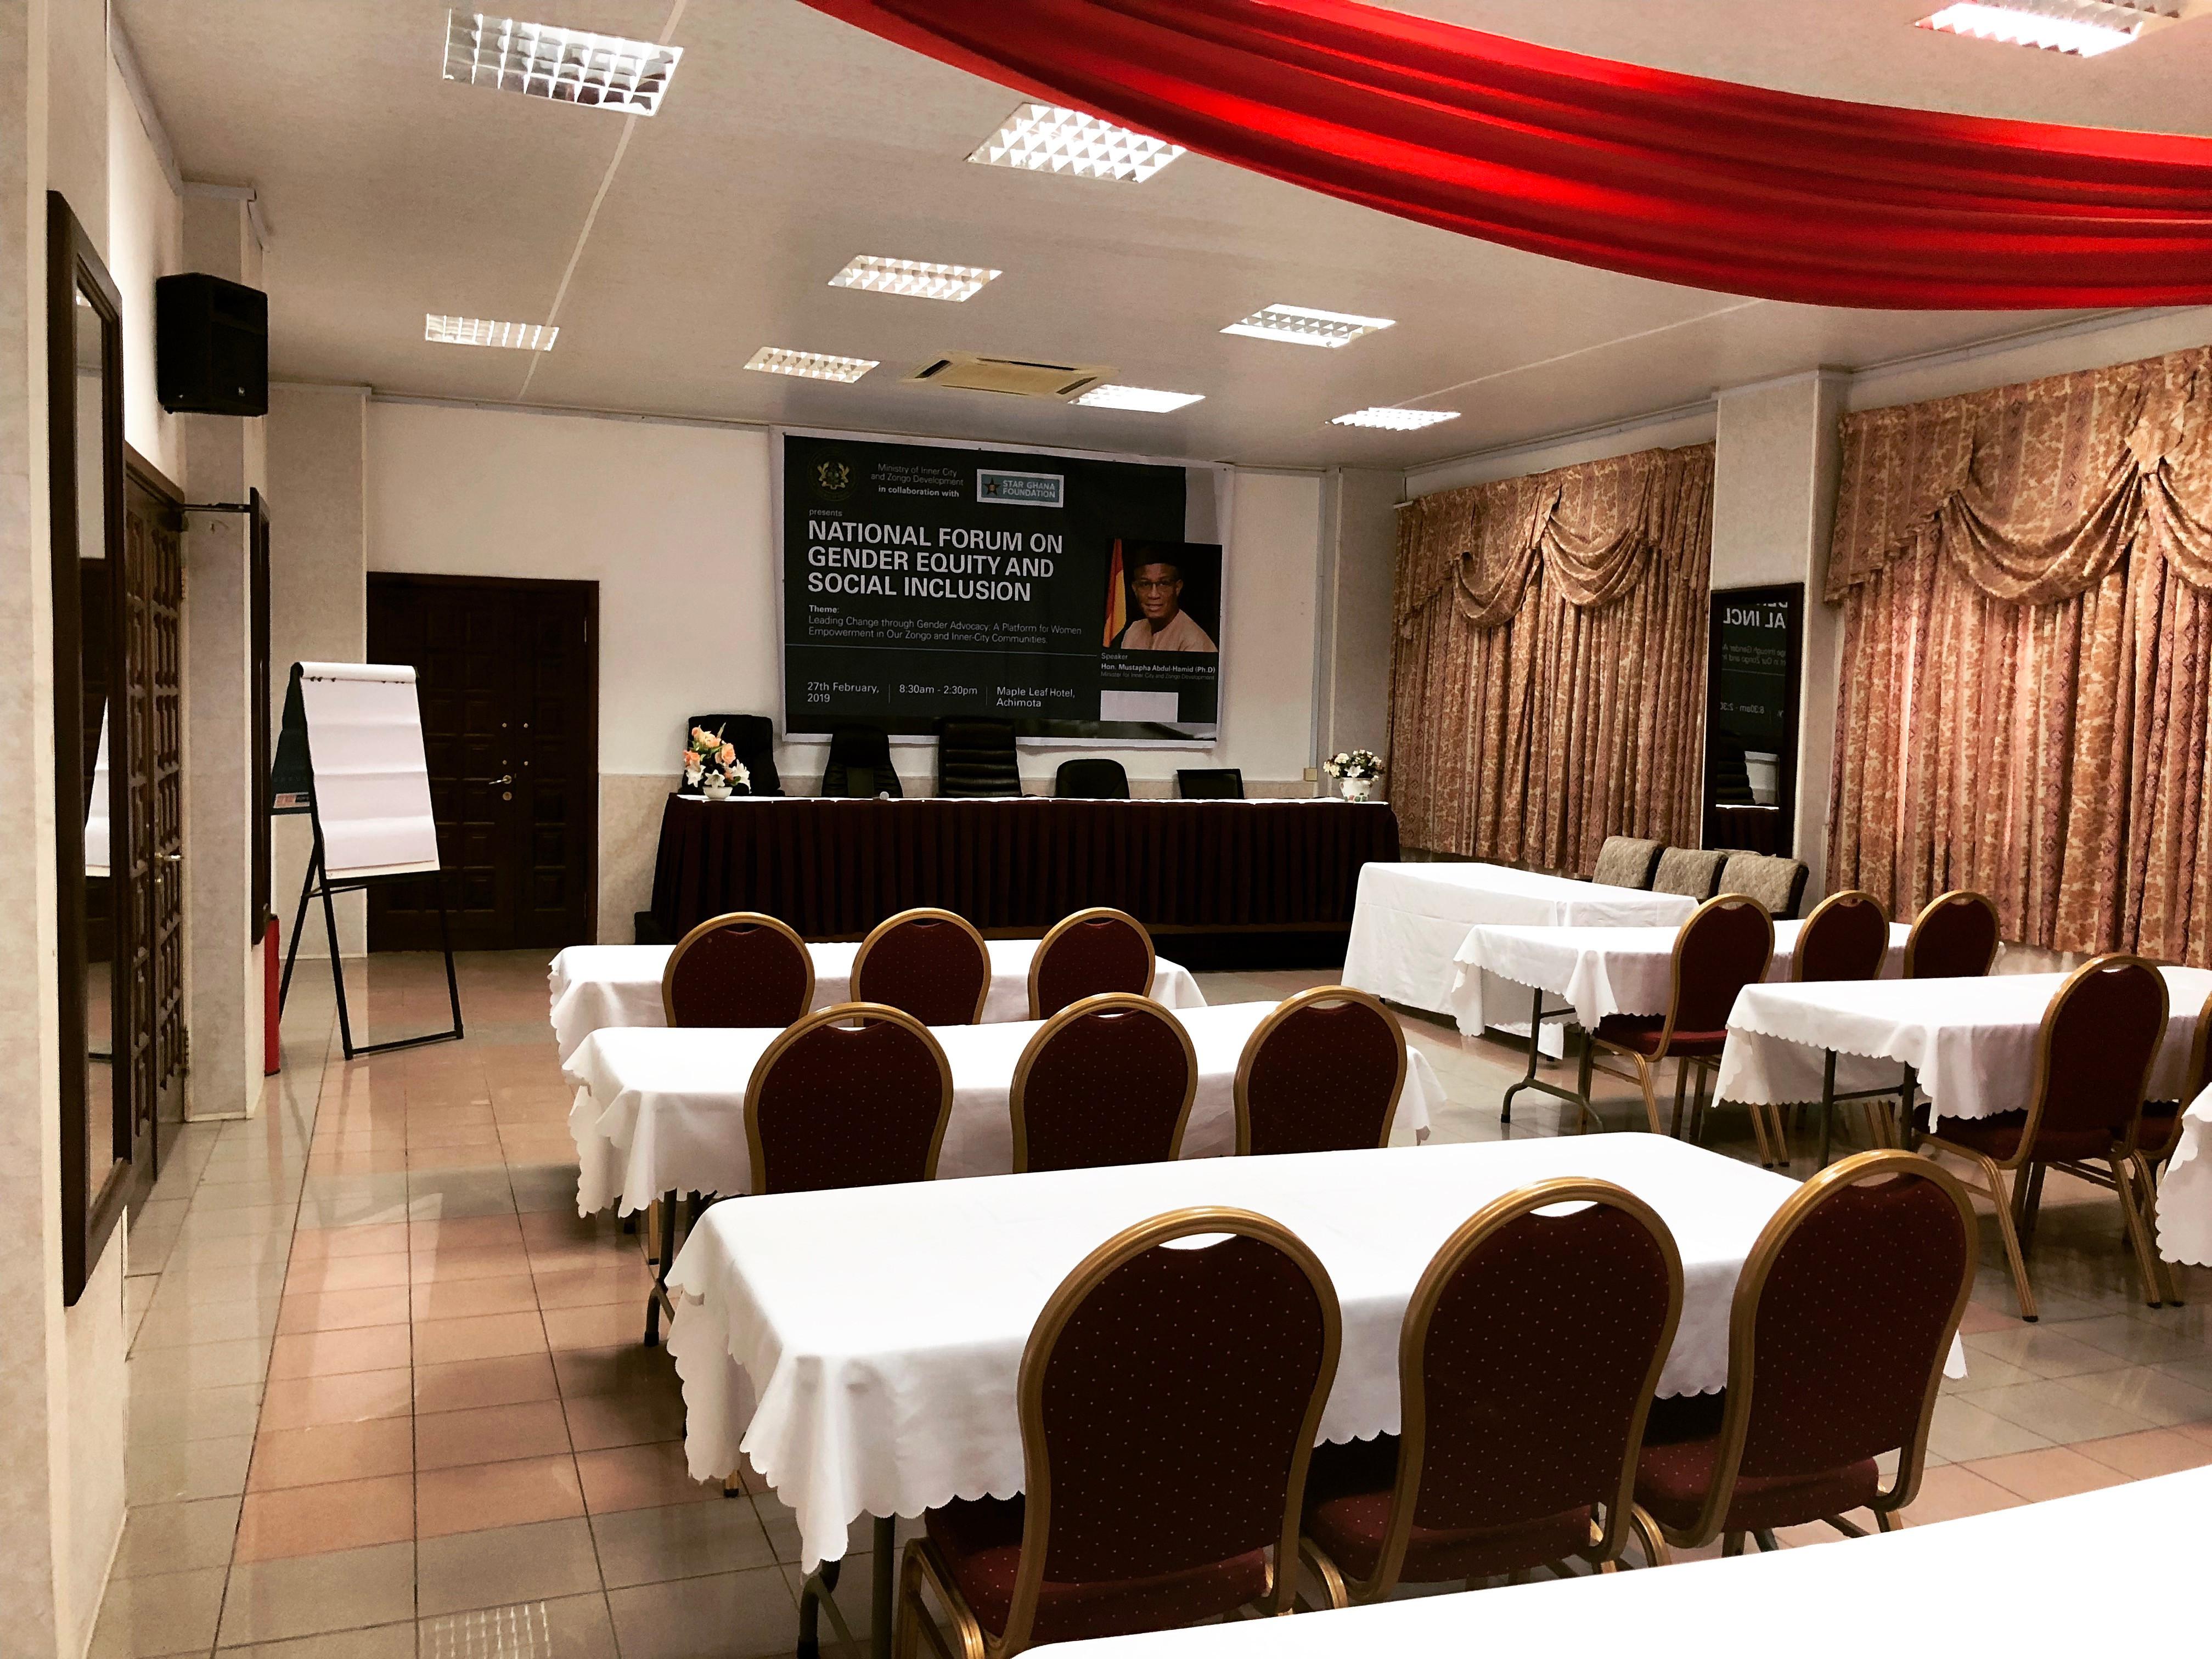 Conference Room Per 1 Day - 1500 Cedis